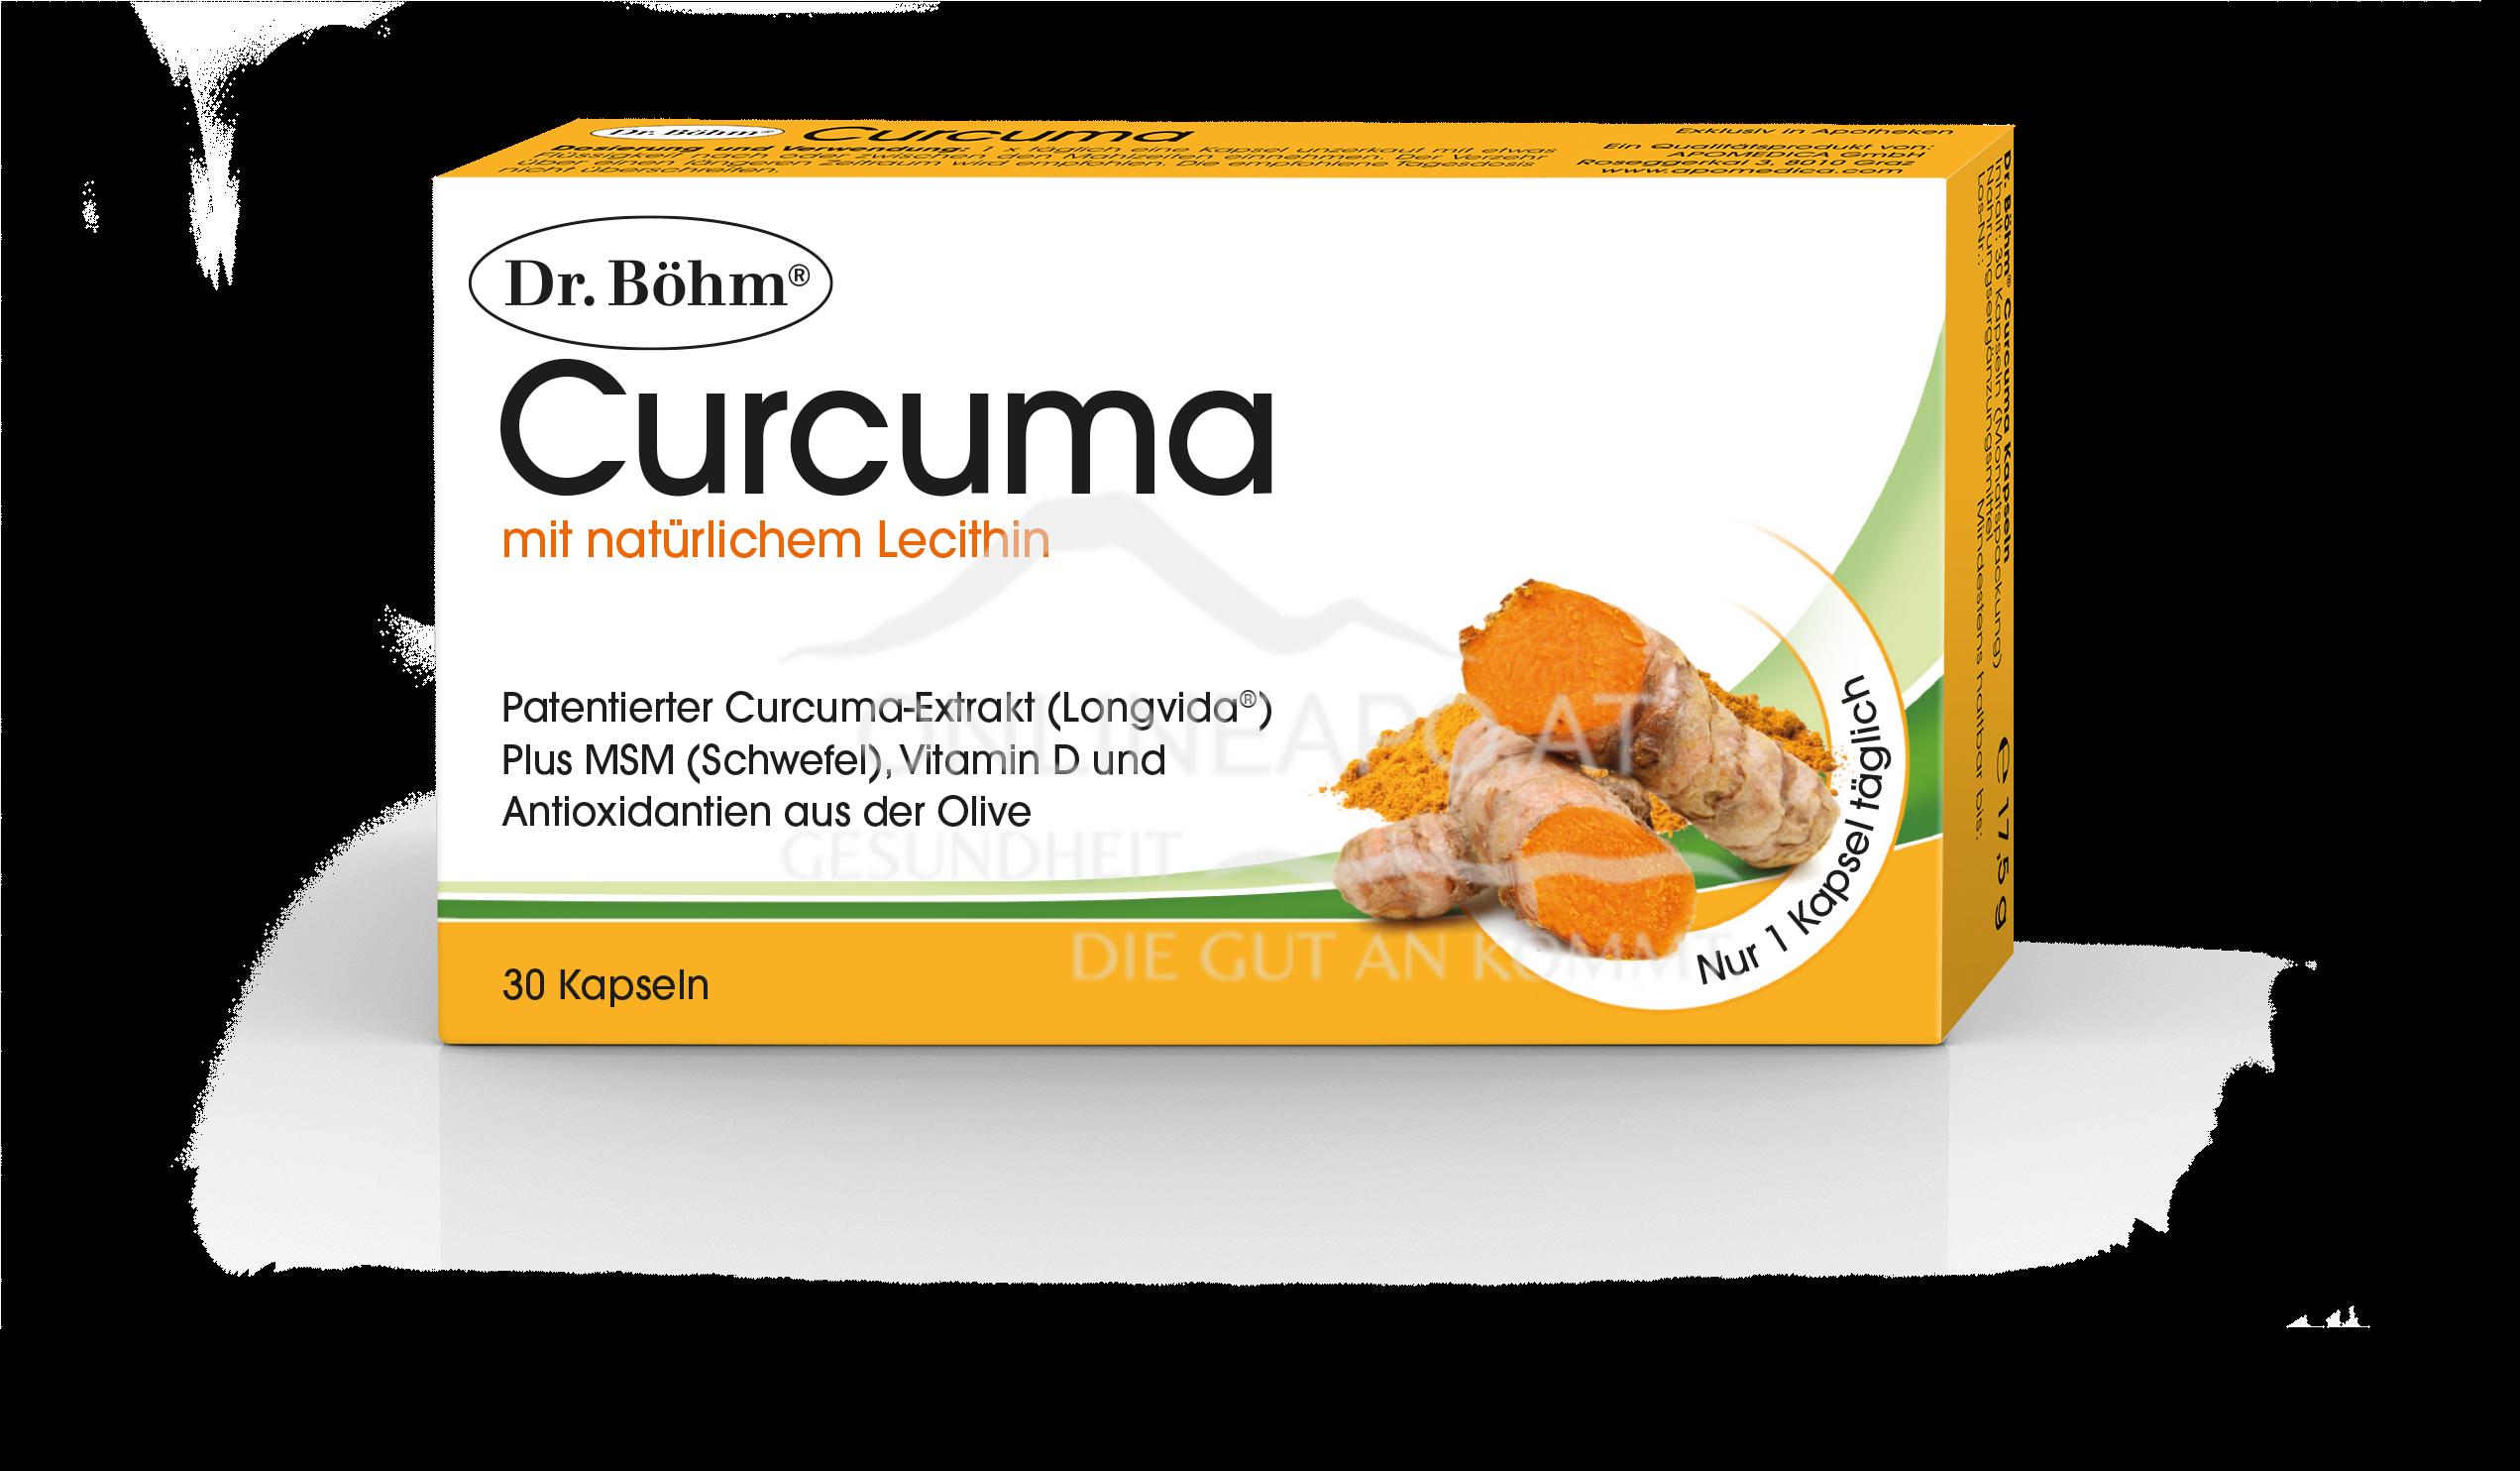 Dr. Böhm® Curcuma Kapseln